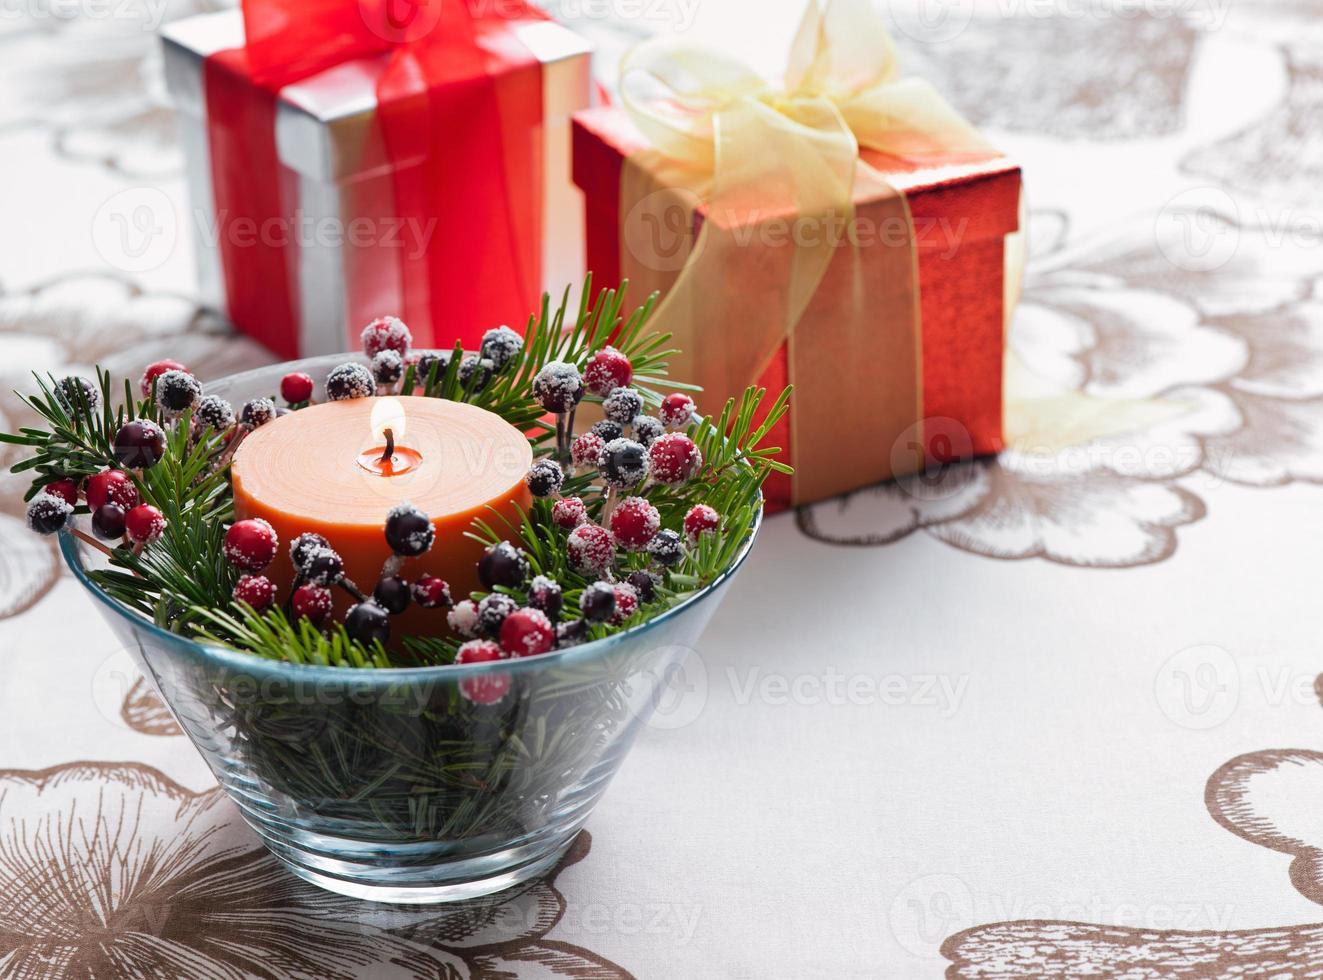 presente en decoración de invierno foto